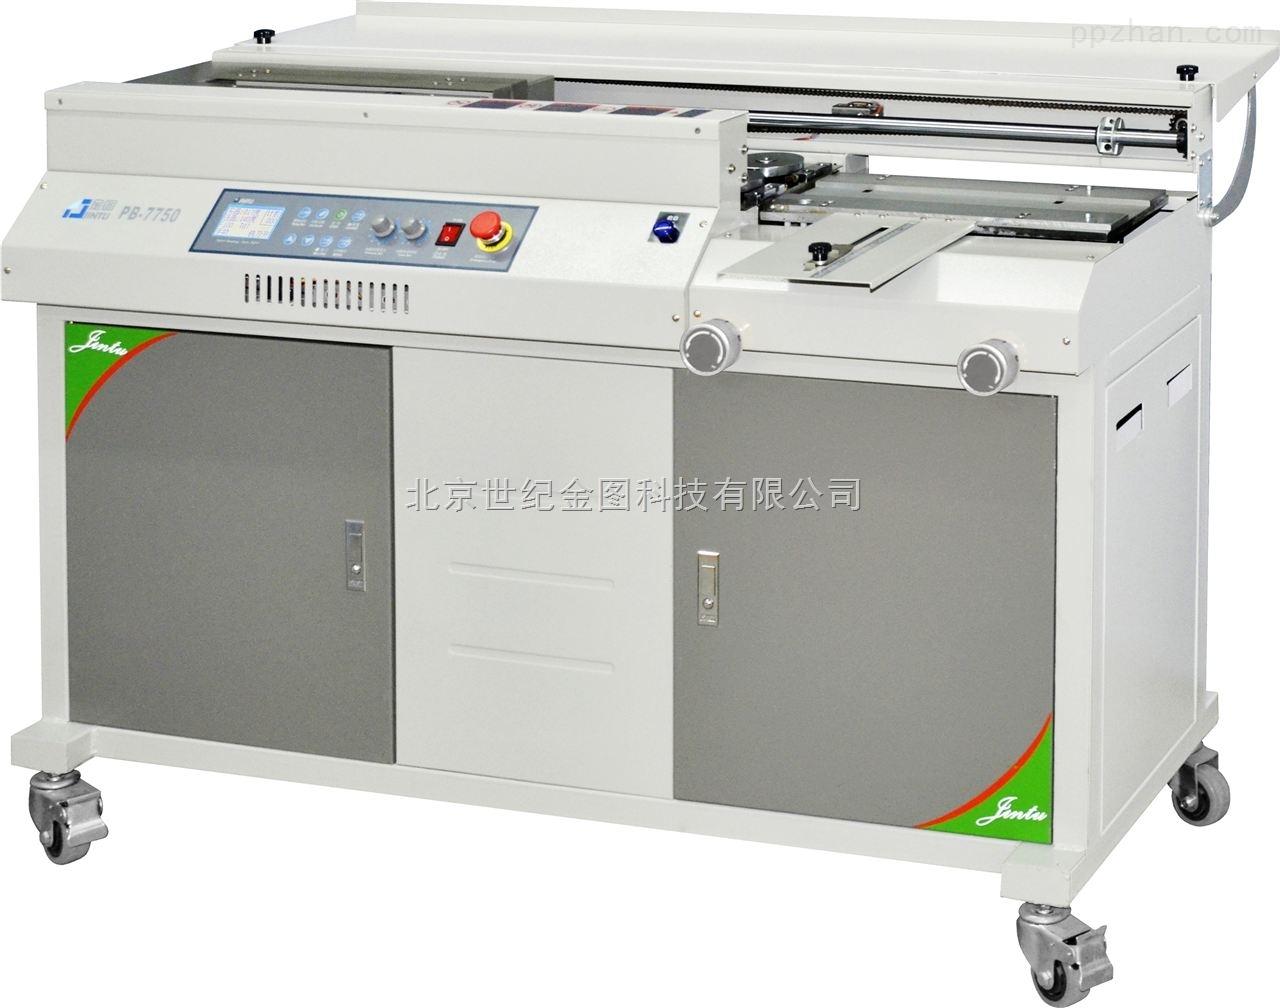 北京金图PB―7750全自动胶装机 侧胶胶装机 新款